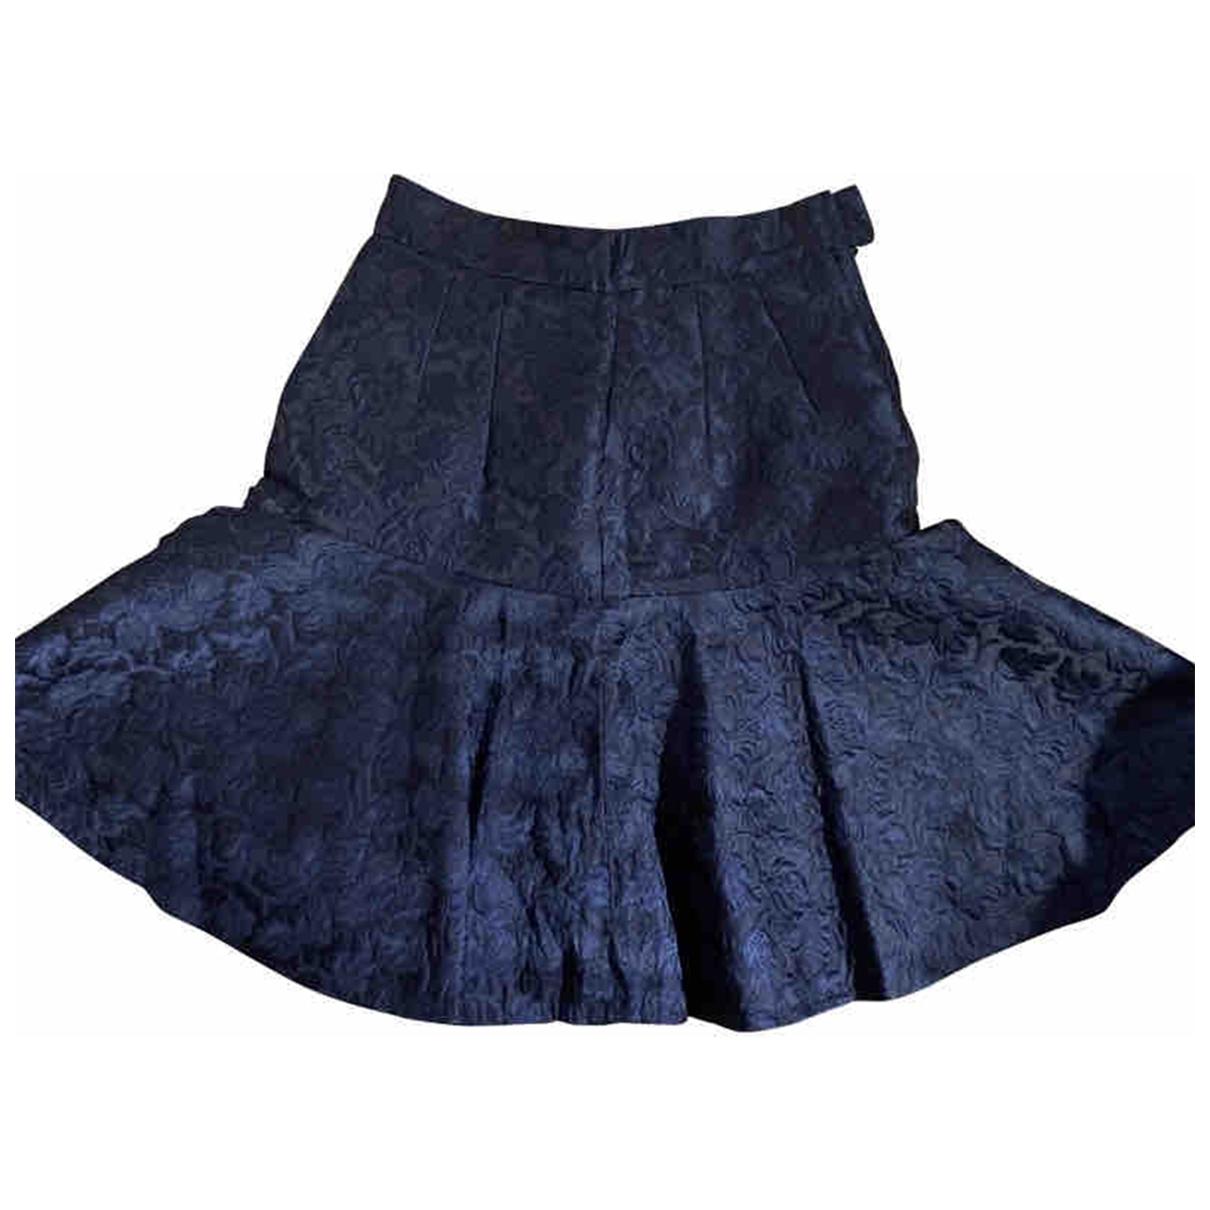 Dolce & Gabbana \N Navy skirt for Women 38 IT